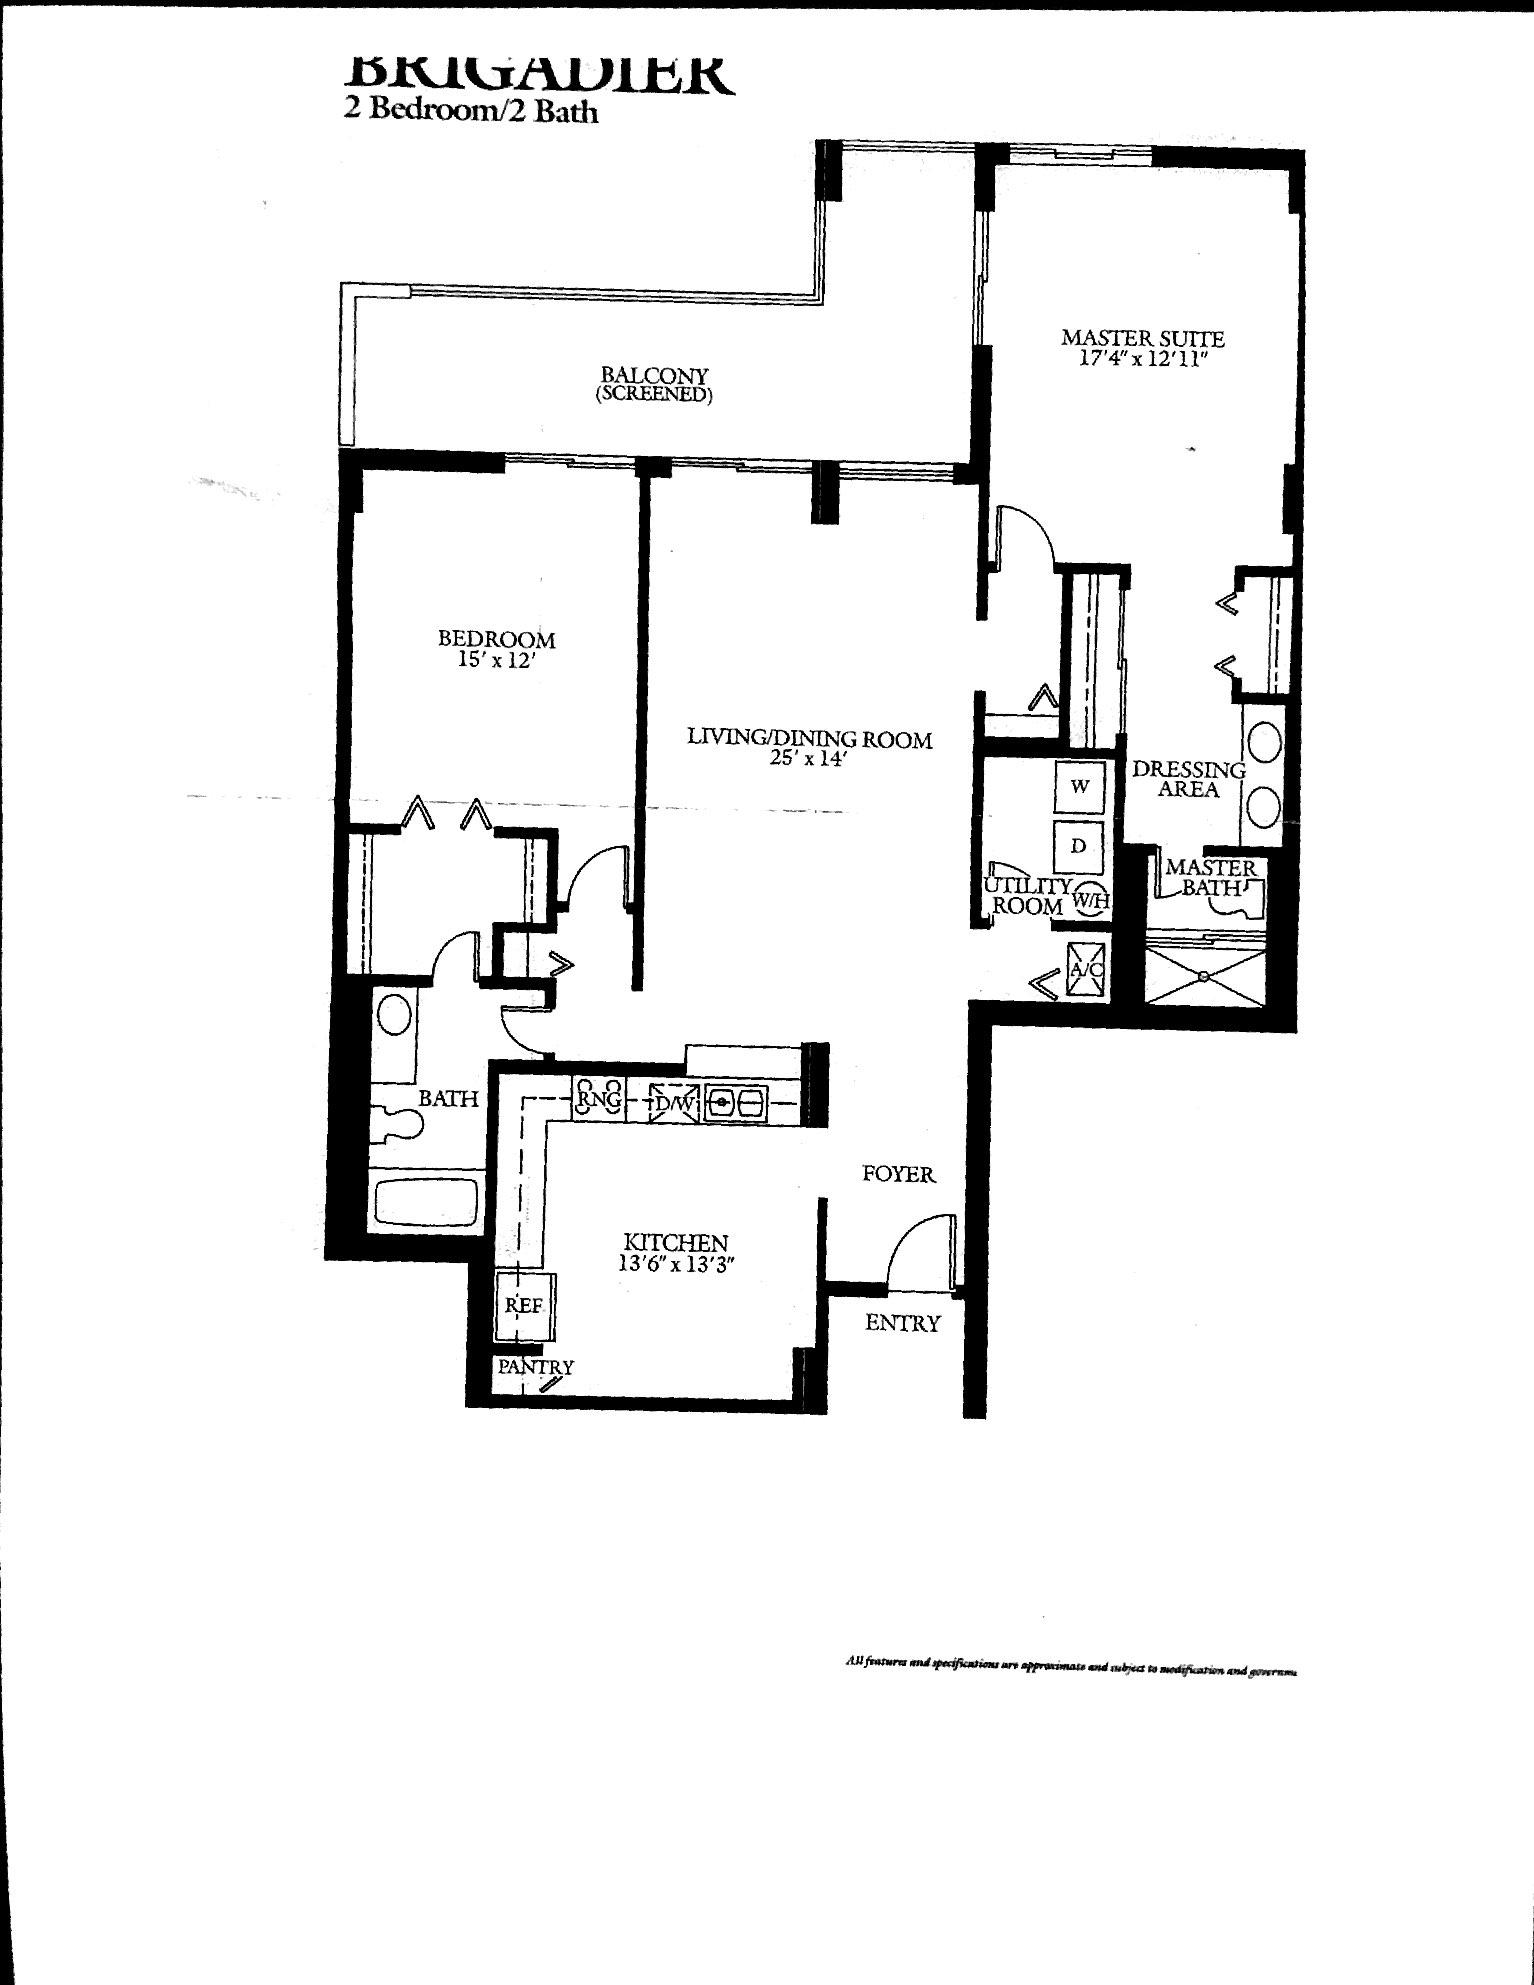 Coronado's Brigadier Floor Plan